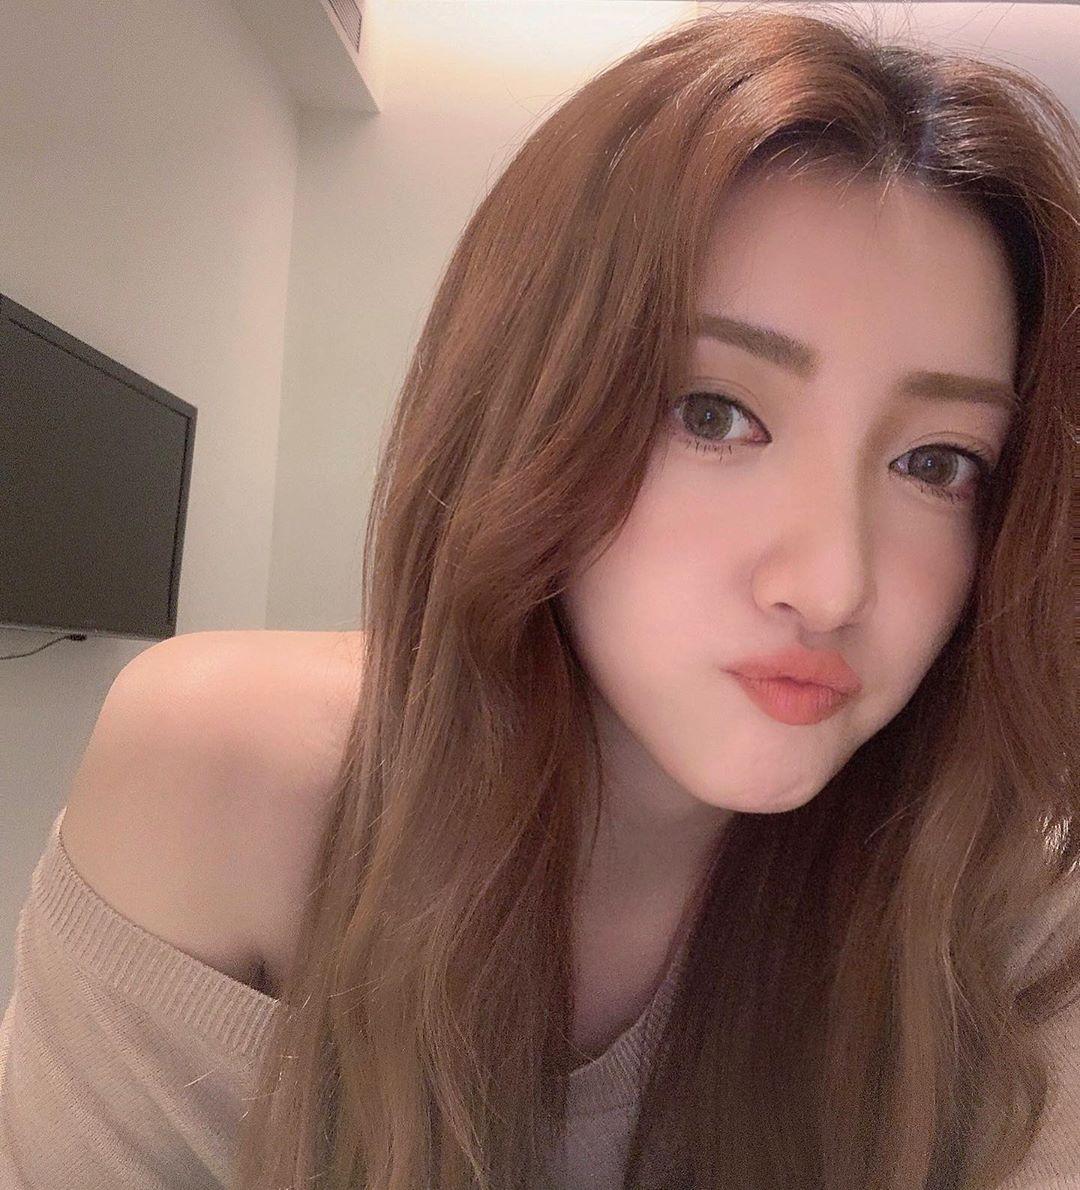 演藝界 知名彩妝師 Sharon - 美女圖 -